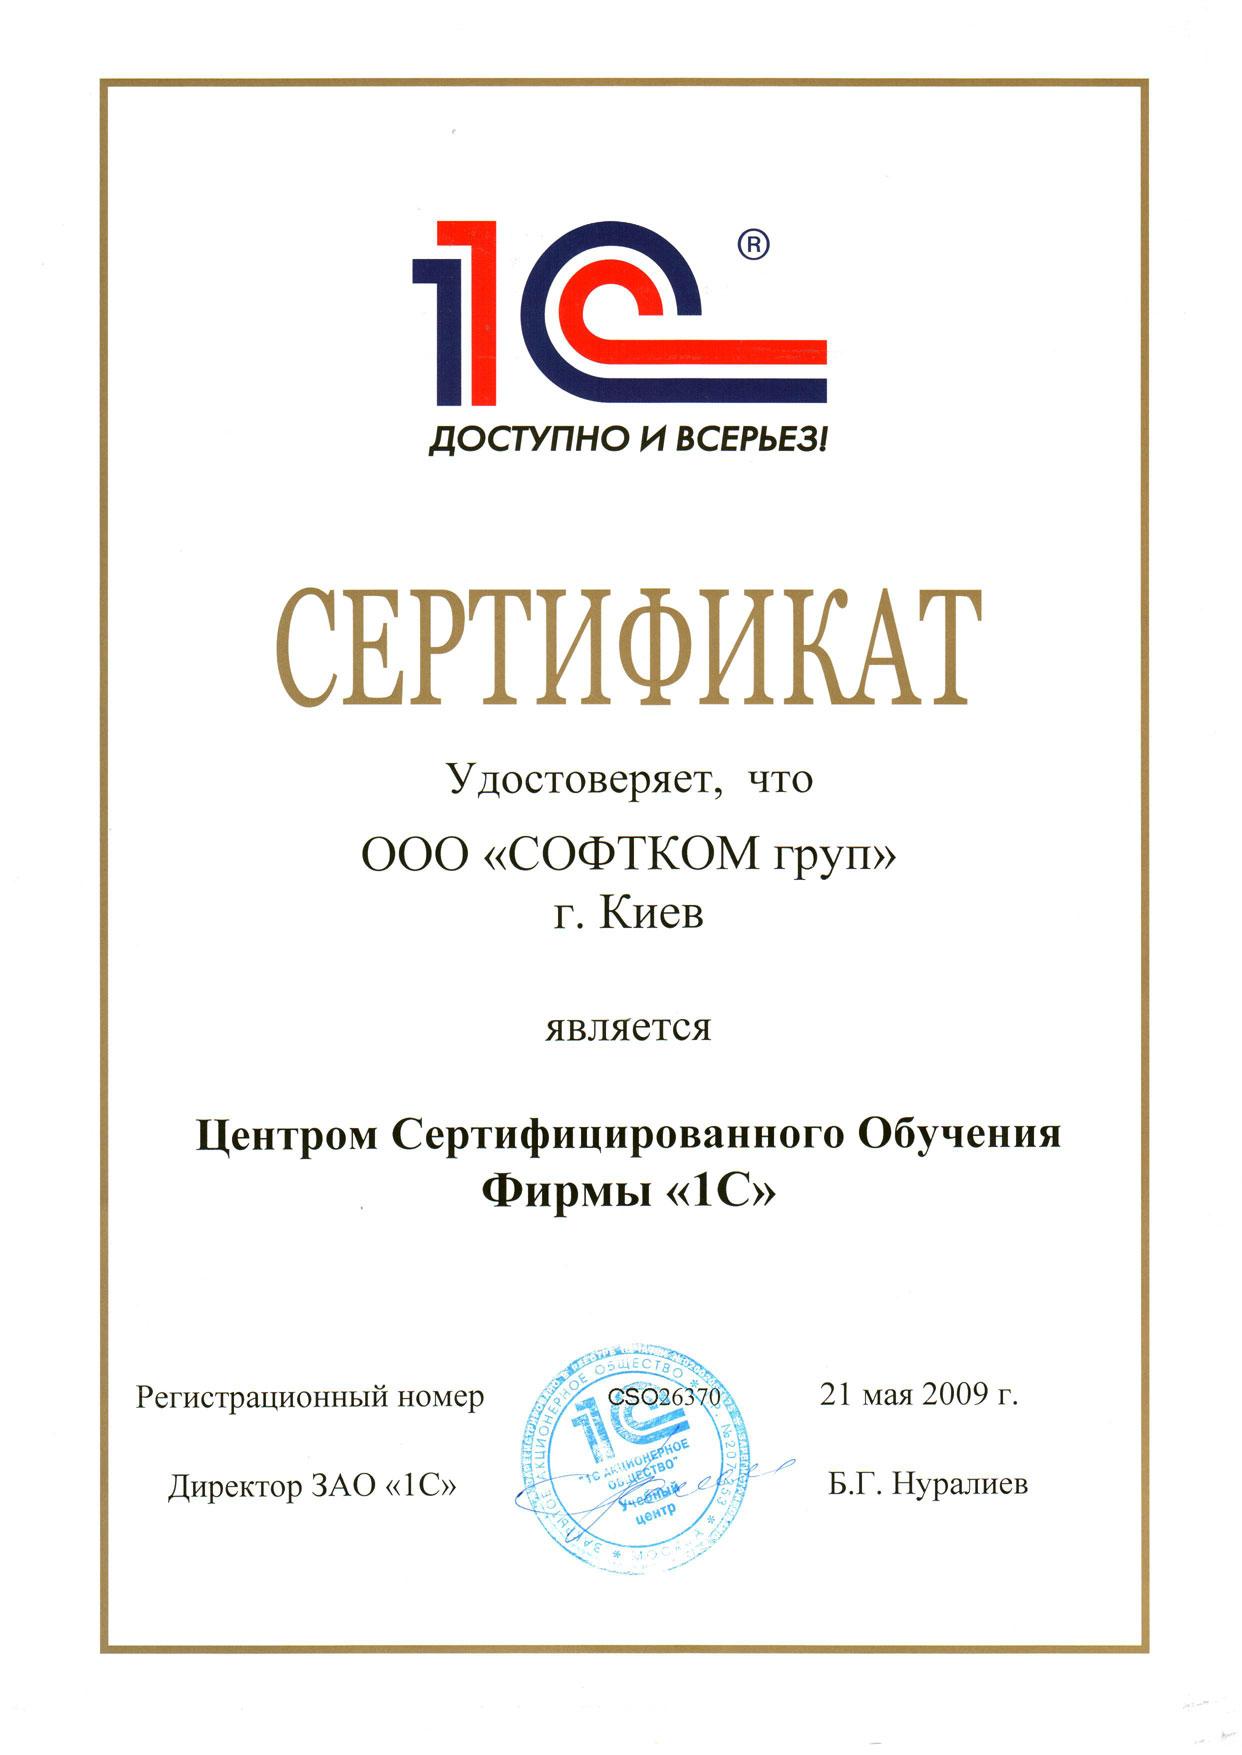 Посмотреть сертификаты преподавателей